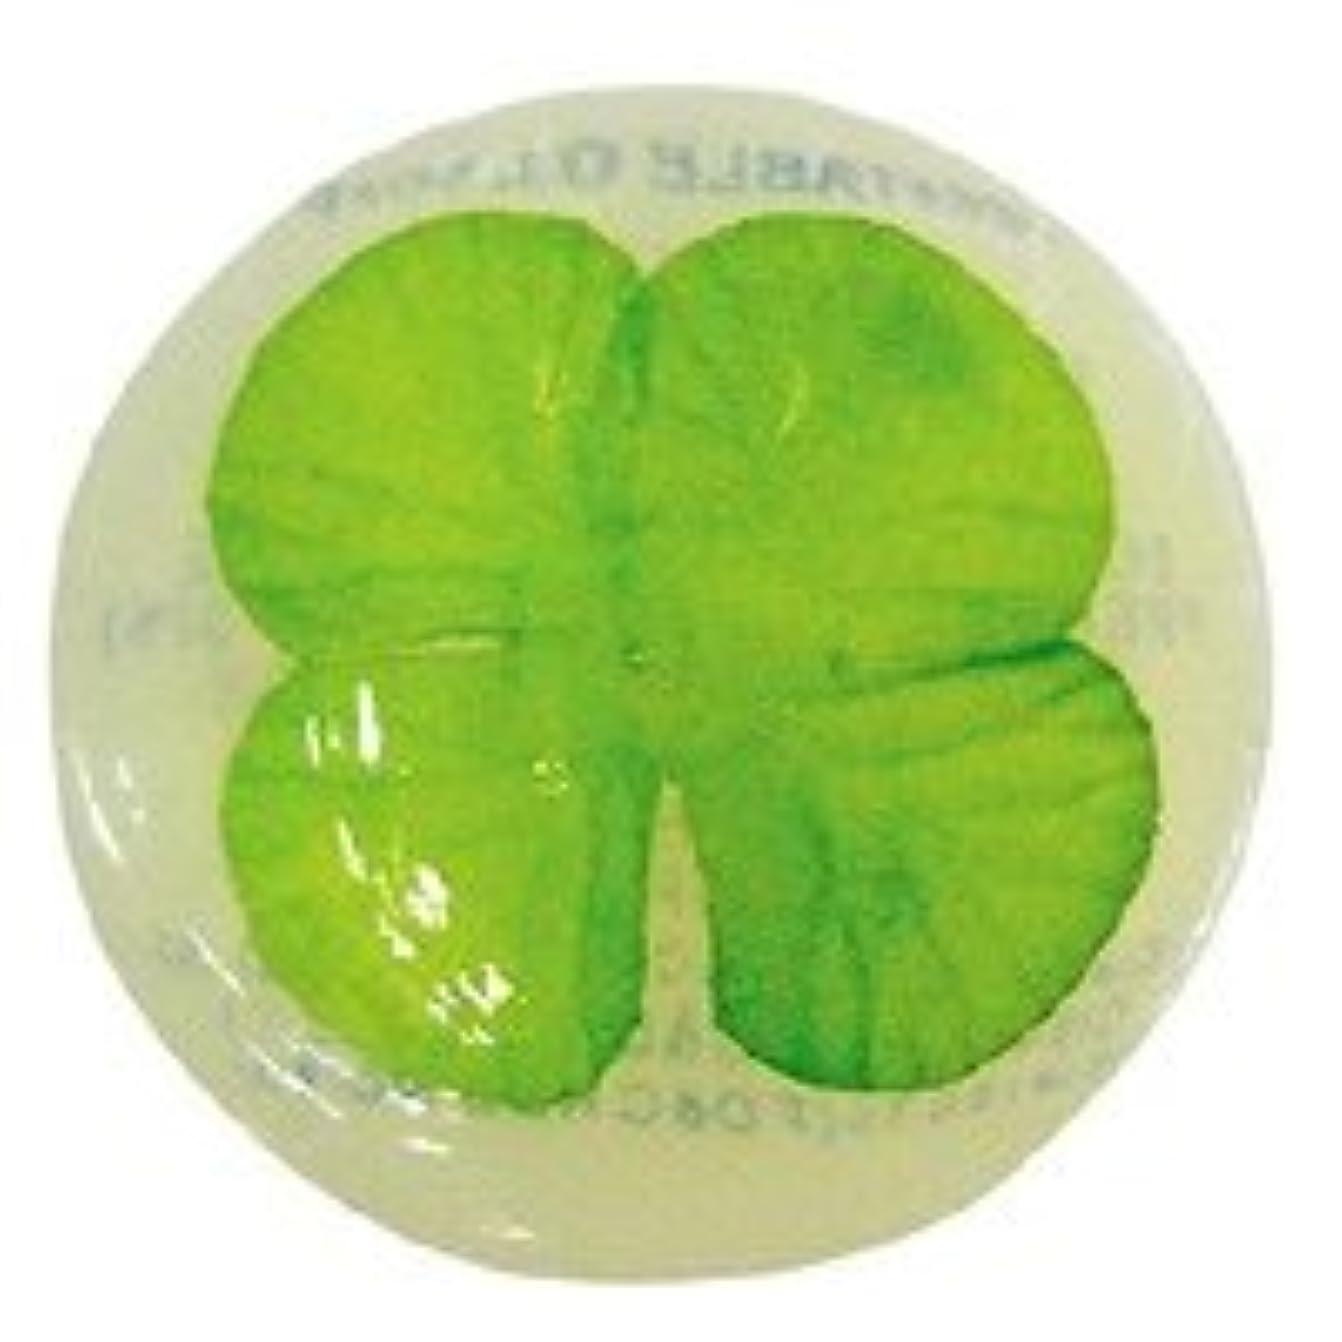 抜本的な預言者雇用ベジタブルソープ ハッピーリーフ「クローバー」20個セット フローラルブーケの香り